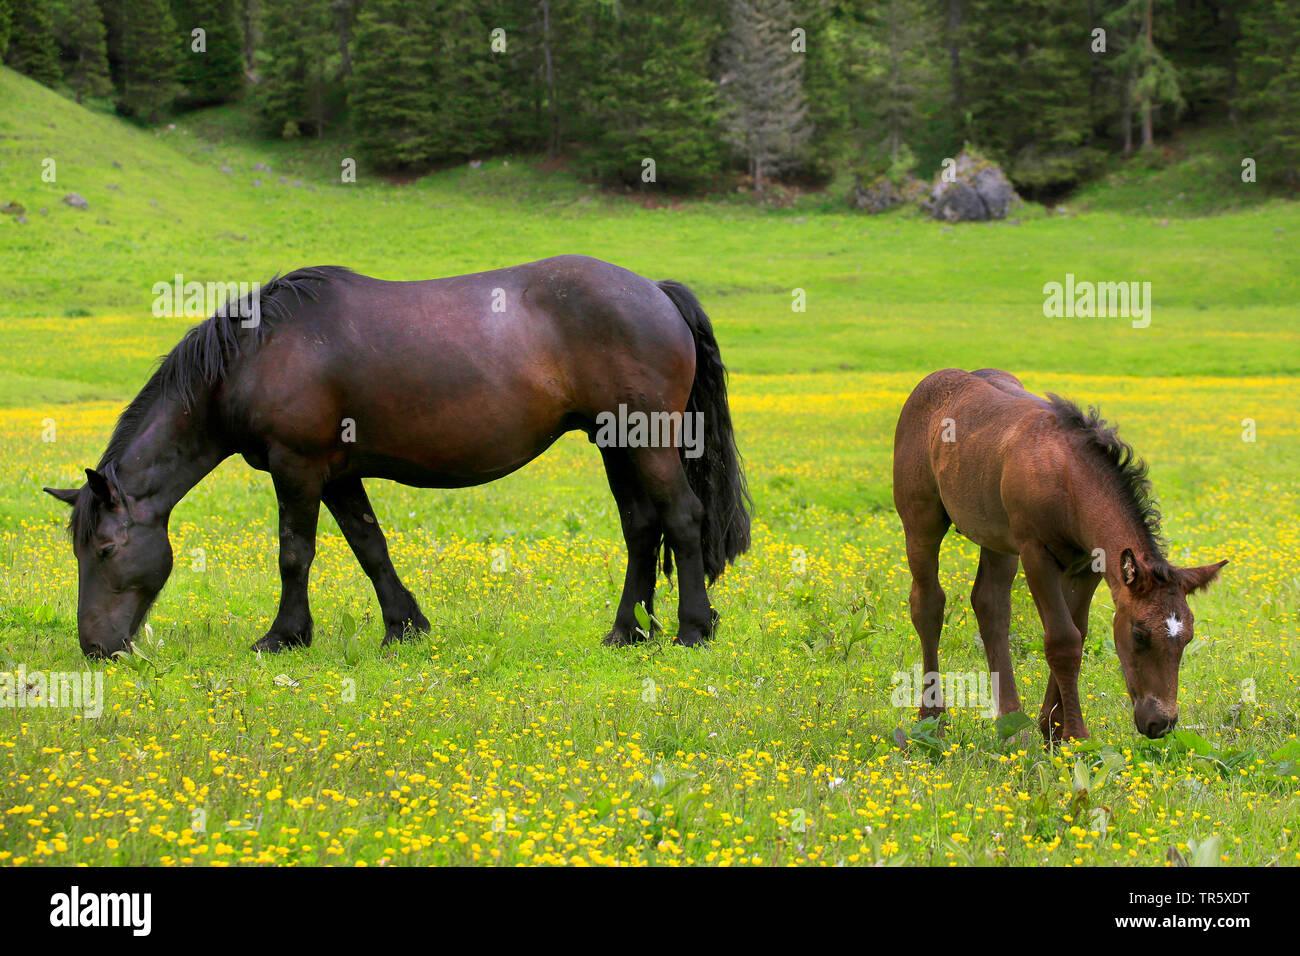 Stute mit Fohlen grasen auf der Weide, Deutschland   mare and foal grazing on a pasture, Germany   BLWS467484.jpg [ (c) blickwinkel/H. Schmidbauer Tel - Stock Image